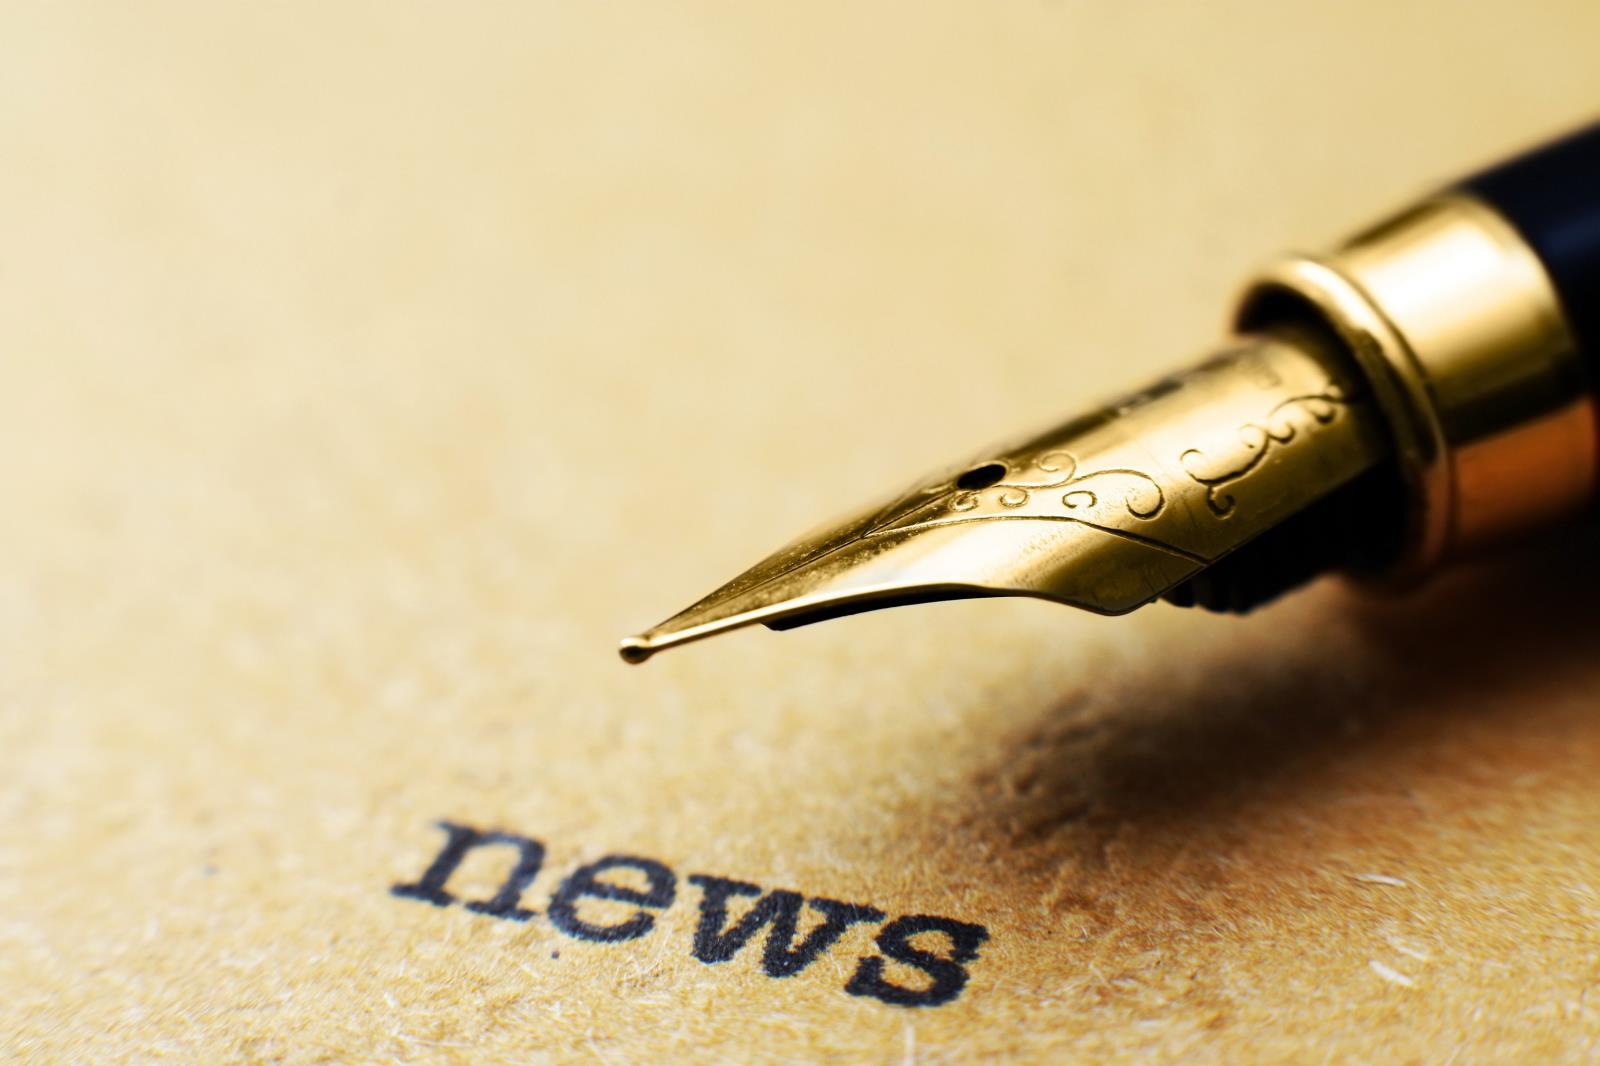 fountain-pen-on-news-text_MJdOgPDO